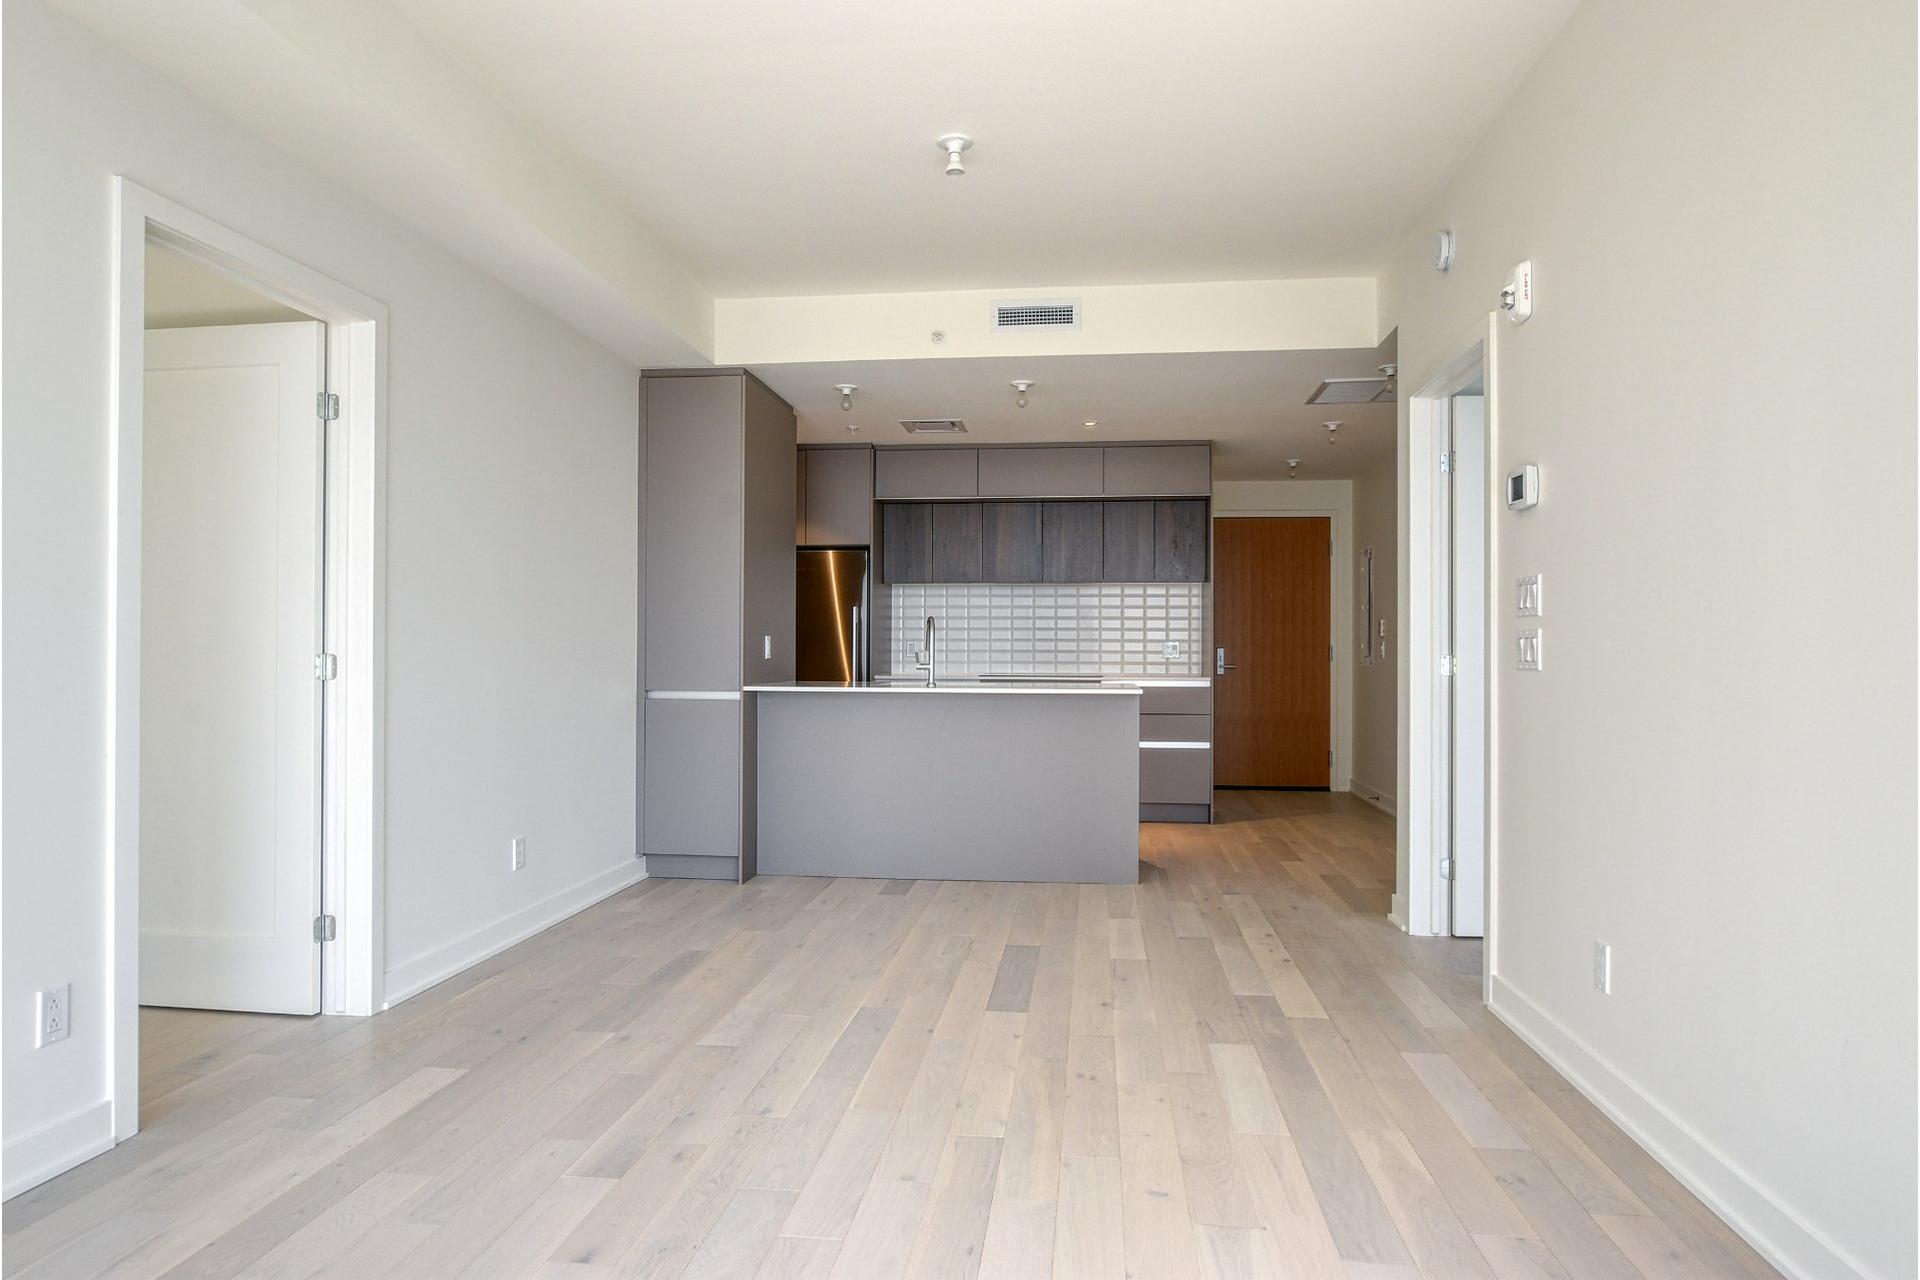 image 5 - Apartment For rent Verdun/Île-des-Soeurs Montréal  - 4 rooms